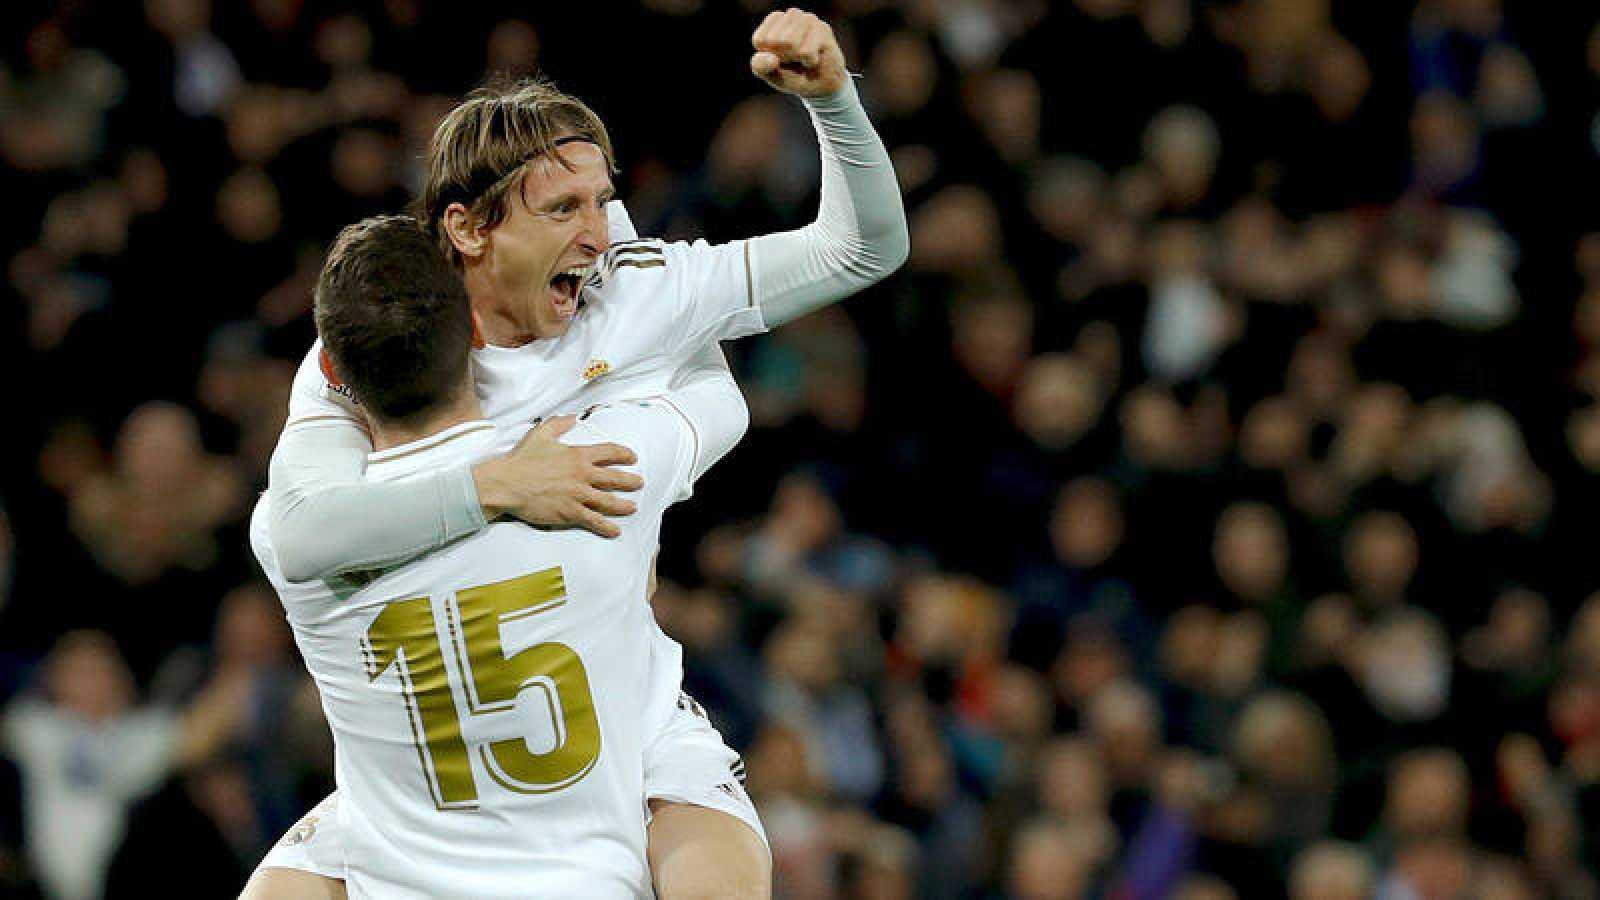 El jugador del Real Madrid Federico Valverde celebra su gol con su compañero Luka Modric.